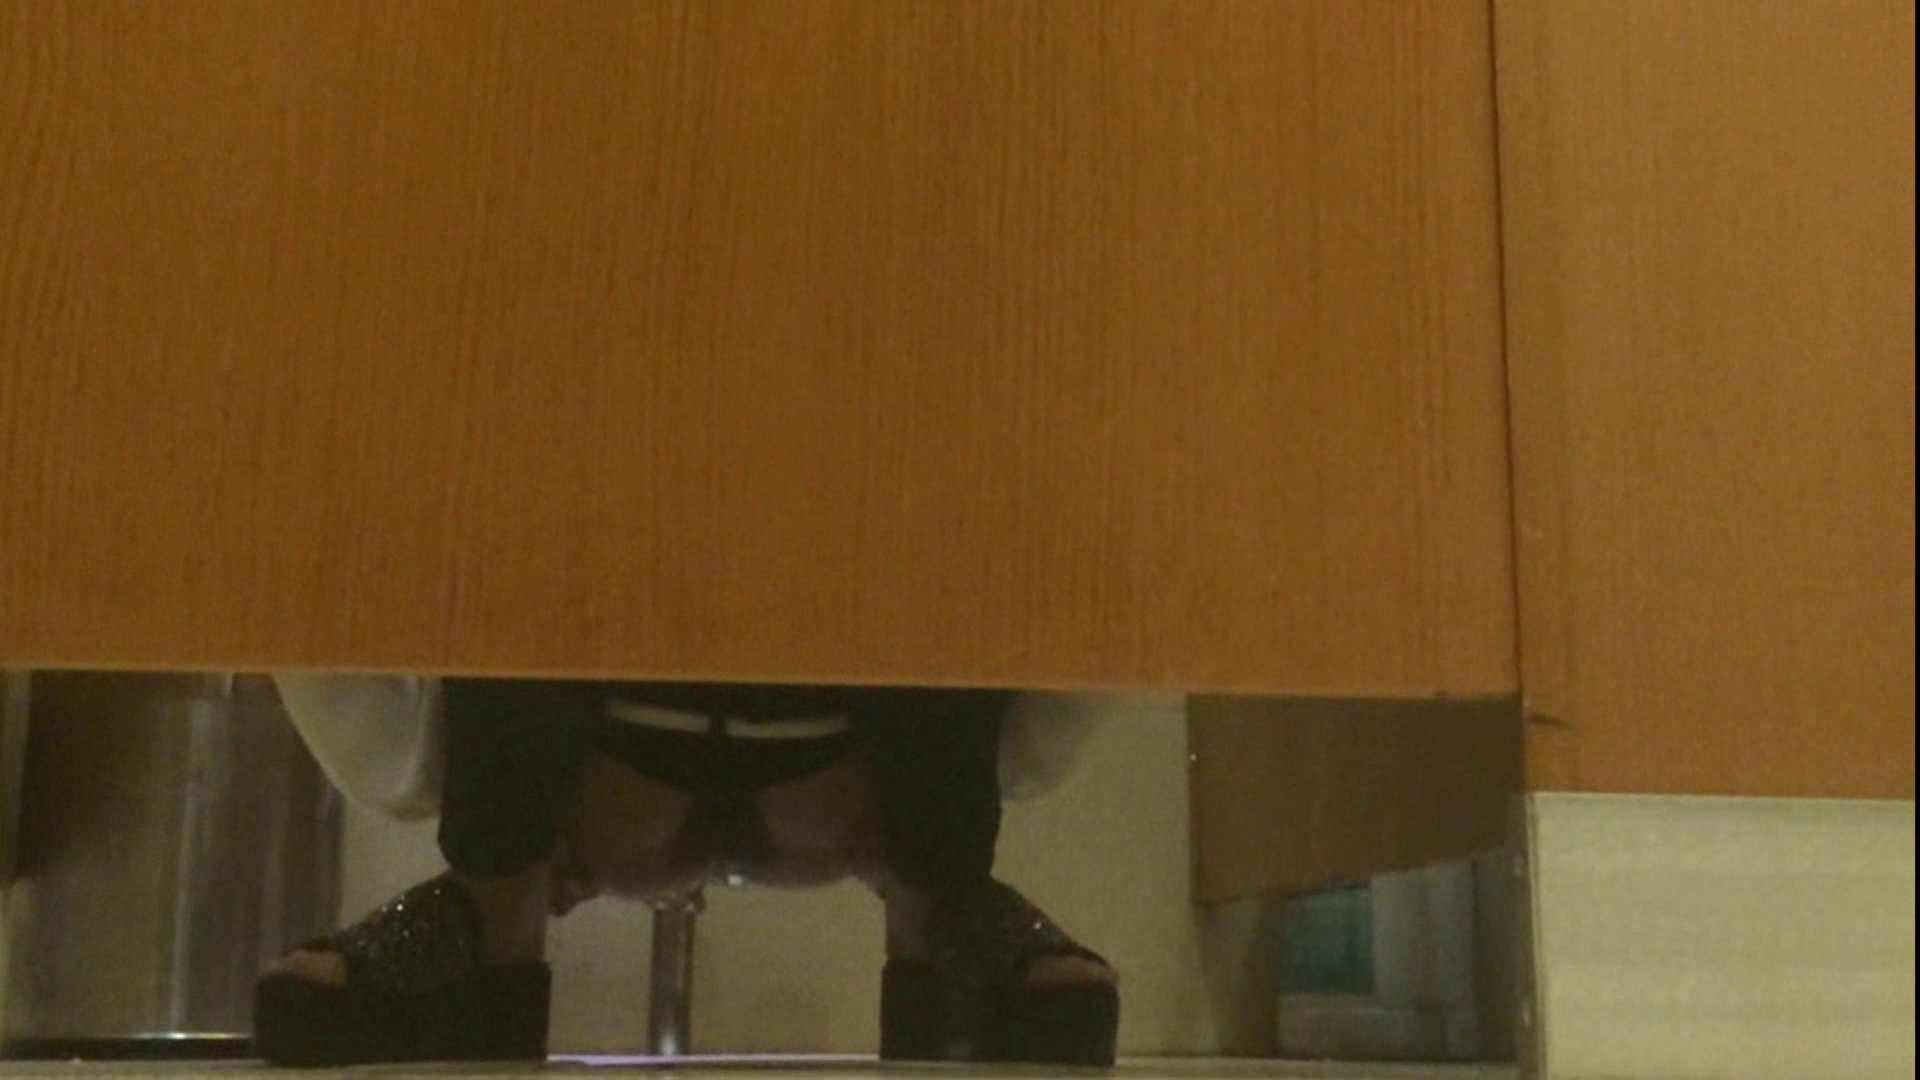 隣国化粧室下から御免!! No.14 洗面所  72pic 24